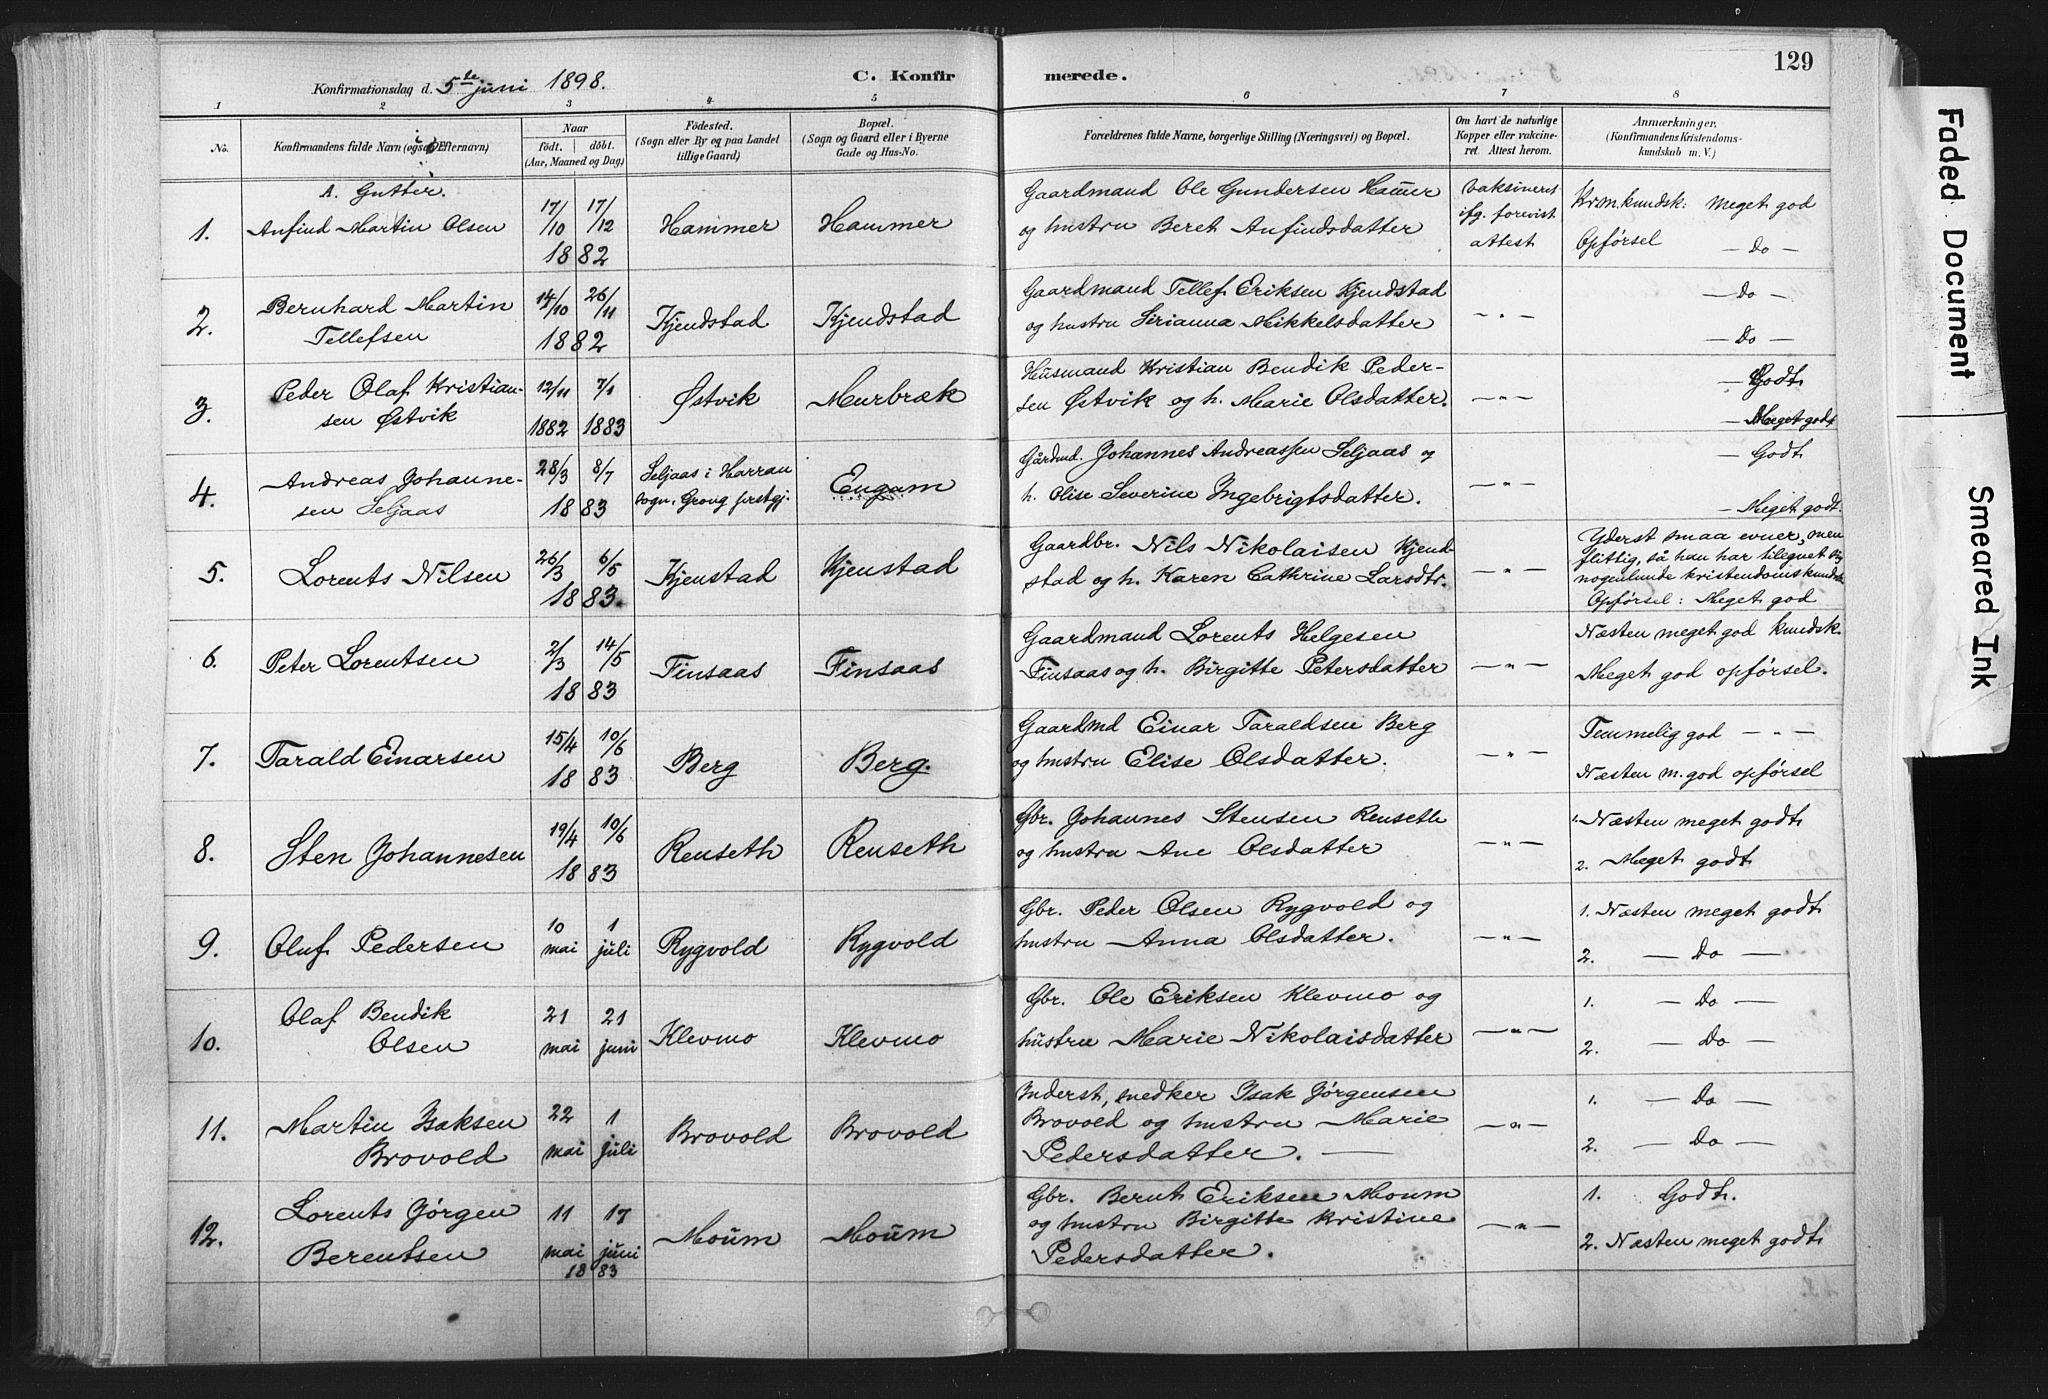 SAT, Ministerialprotokoller, klokkerbøker og fødselsregistre - Nord-Trøndelag, 749/L0474: Ministerialbok nr. 749A08, 1887-1903, s. 129